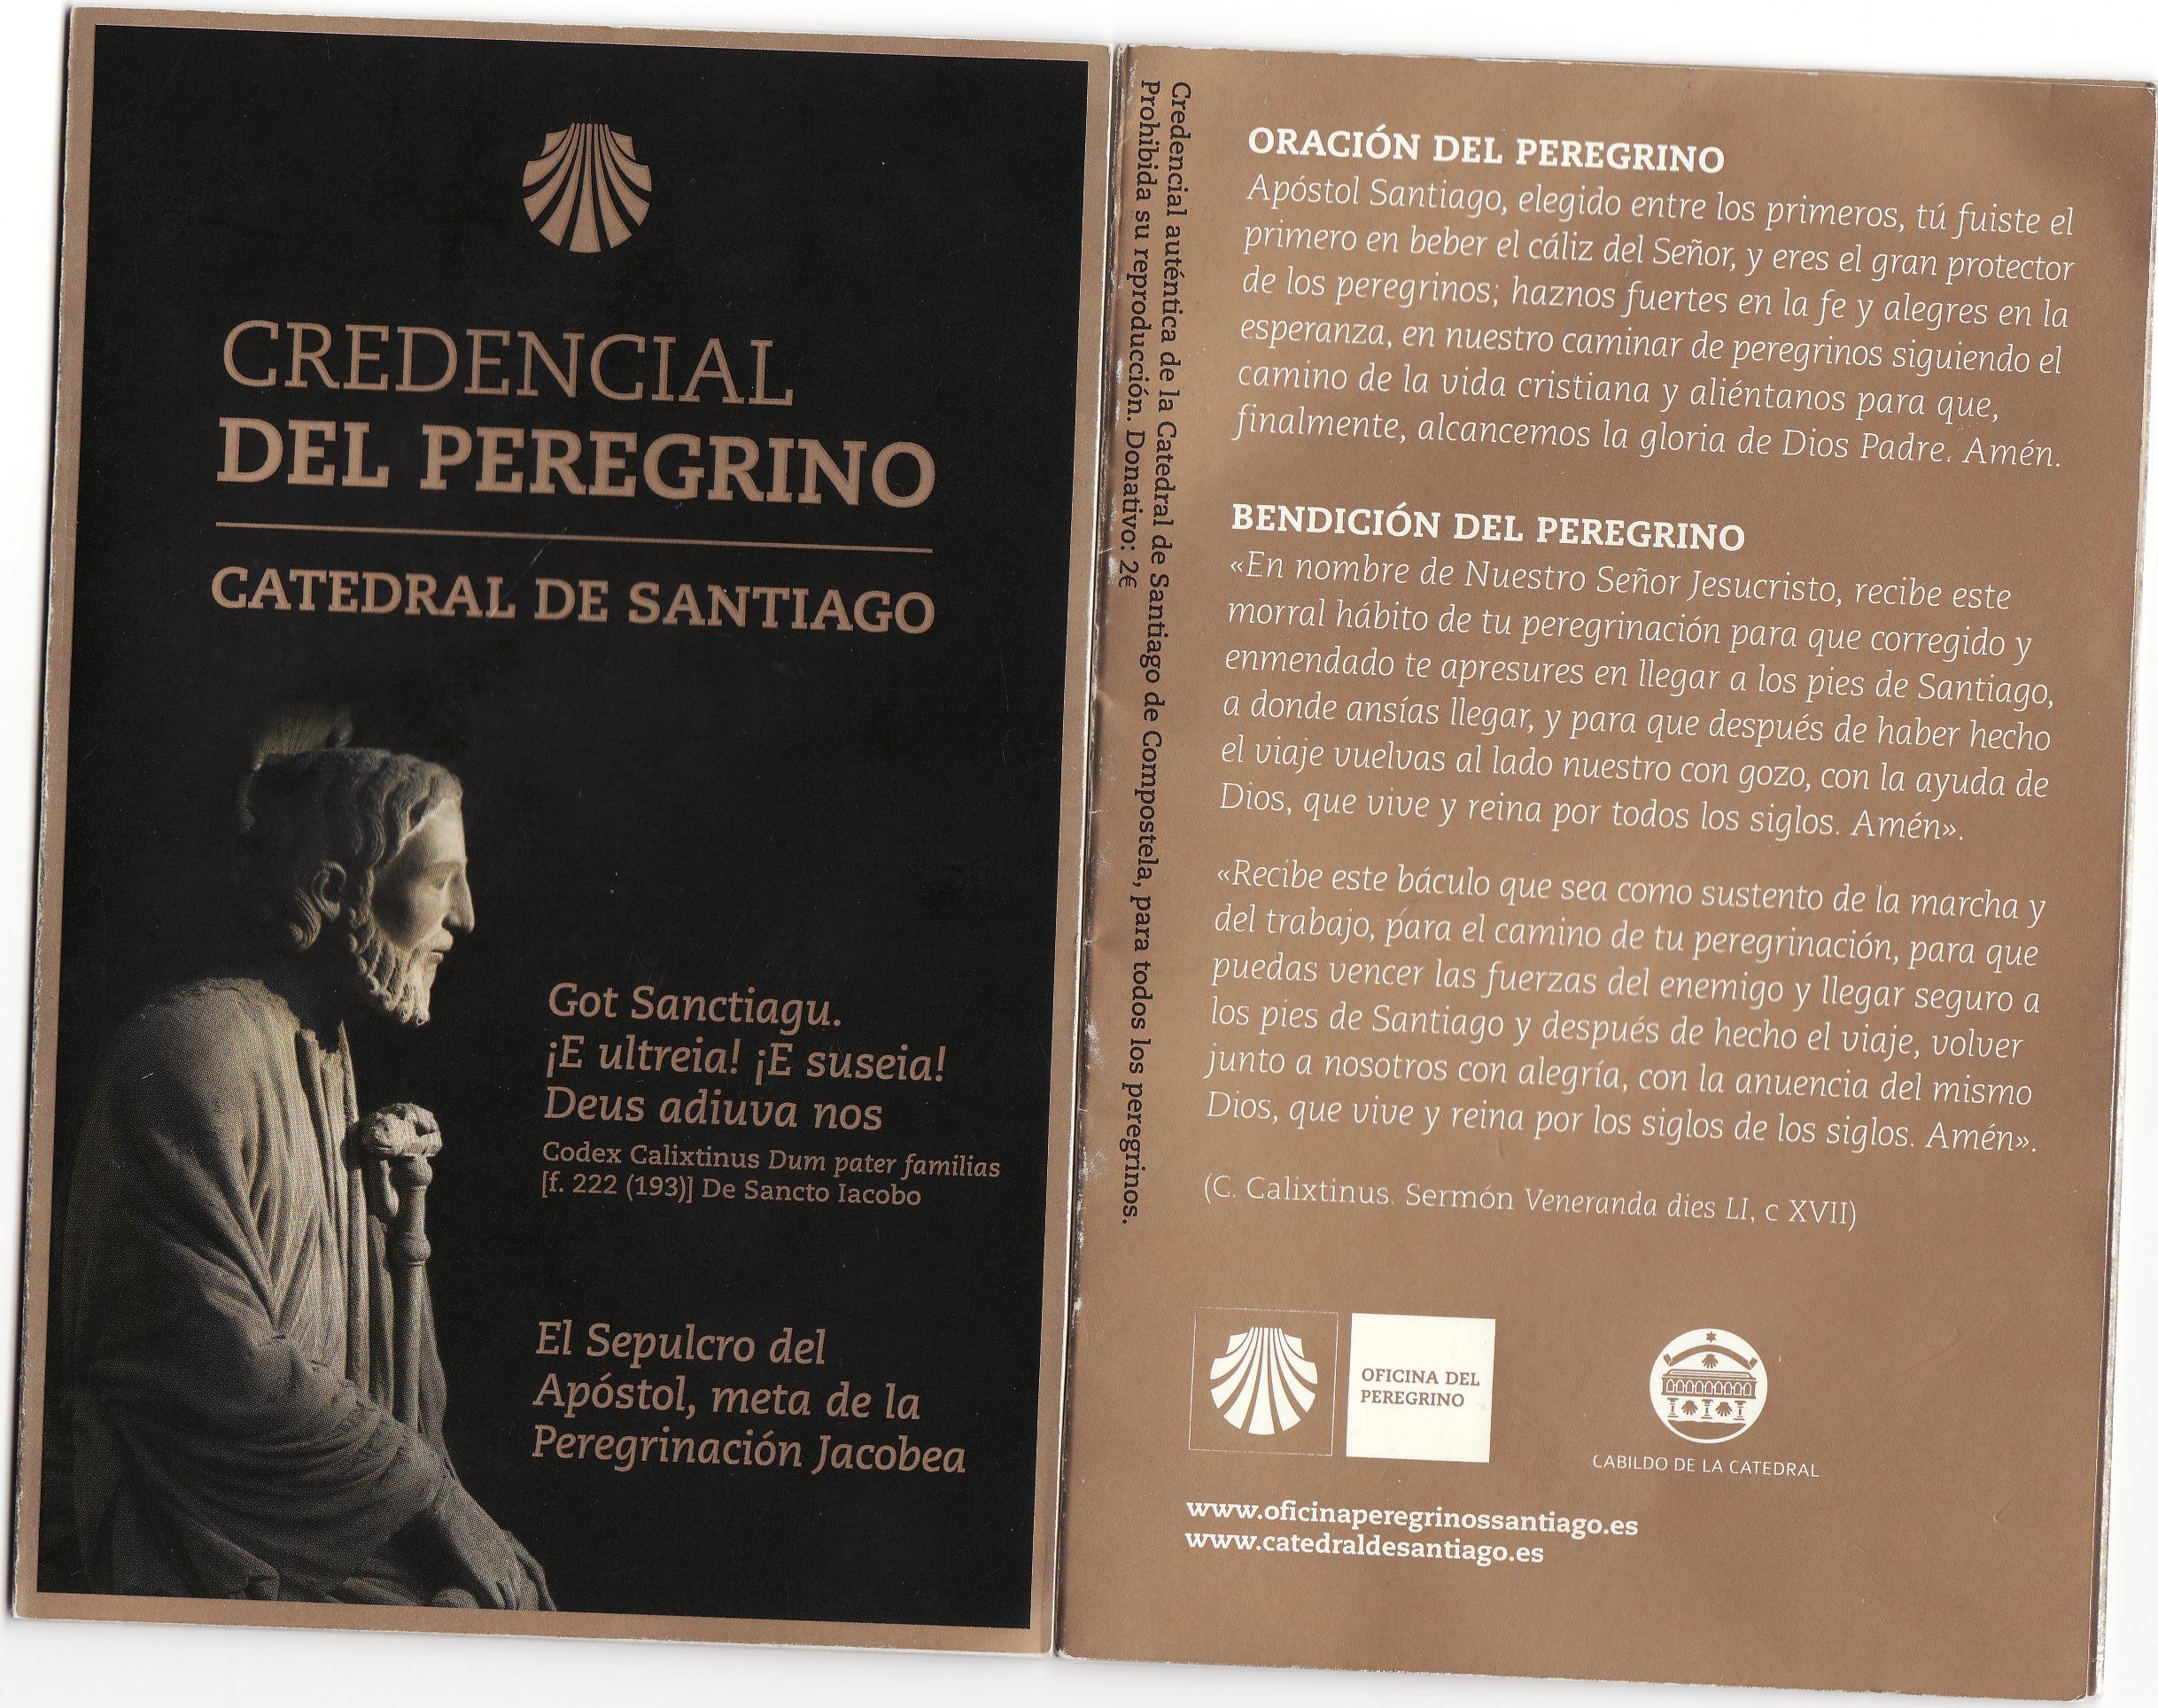 credencial-camino-de-santiago_0001